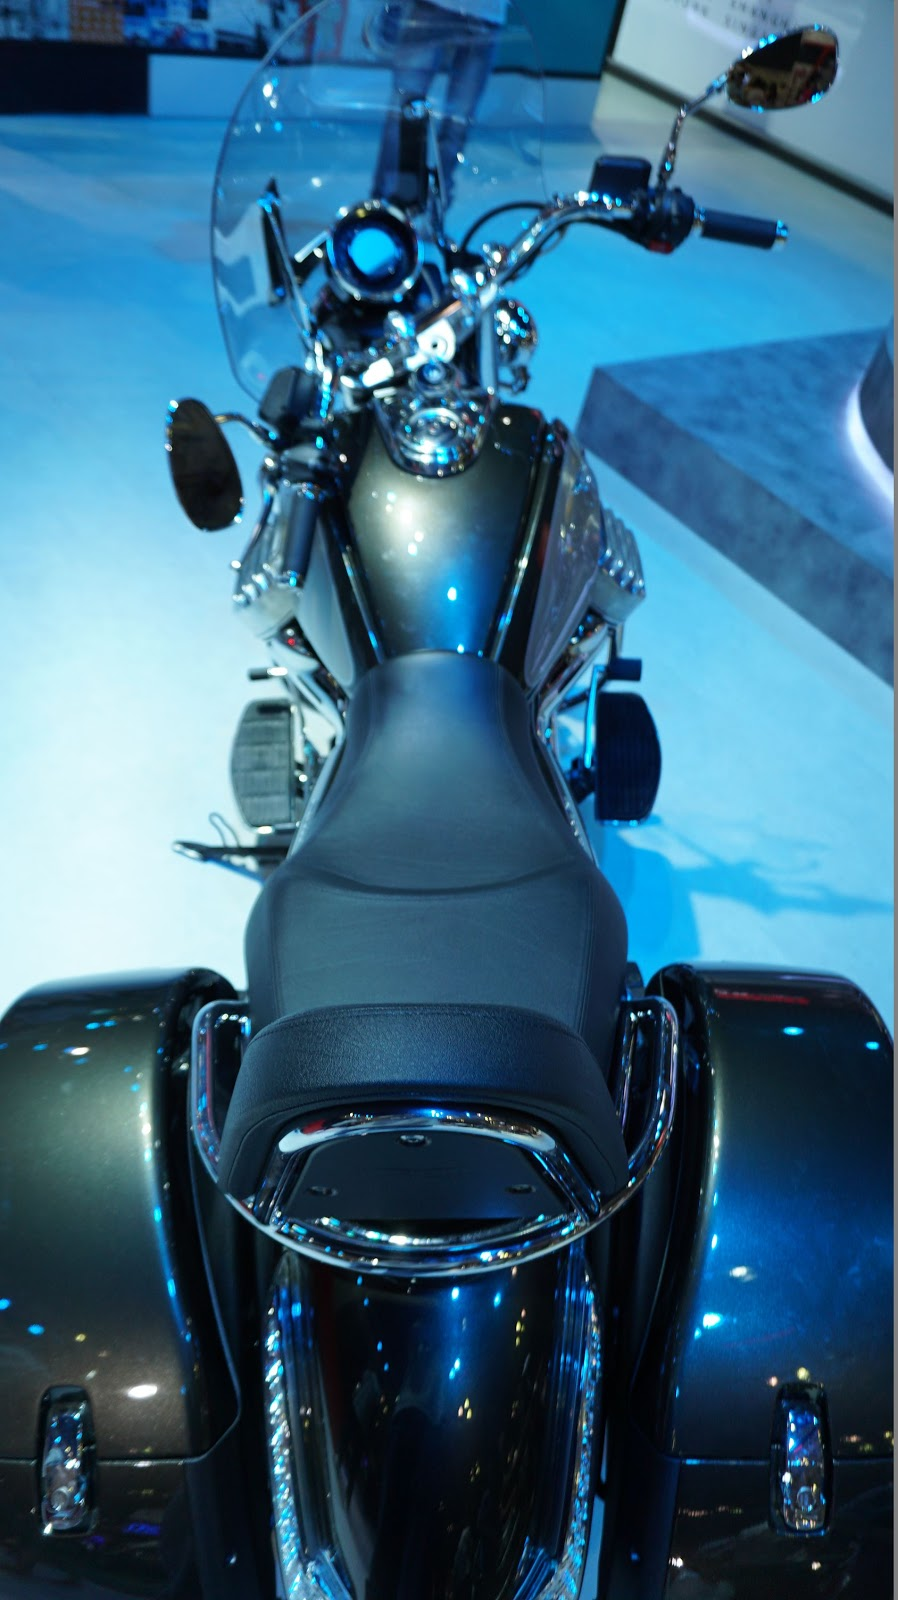 Quá tuyệt khi rong ruỗi mọi nẻo đường cùng Moto Guzzi California Touring SE